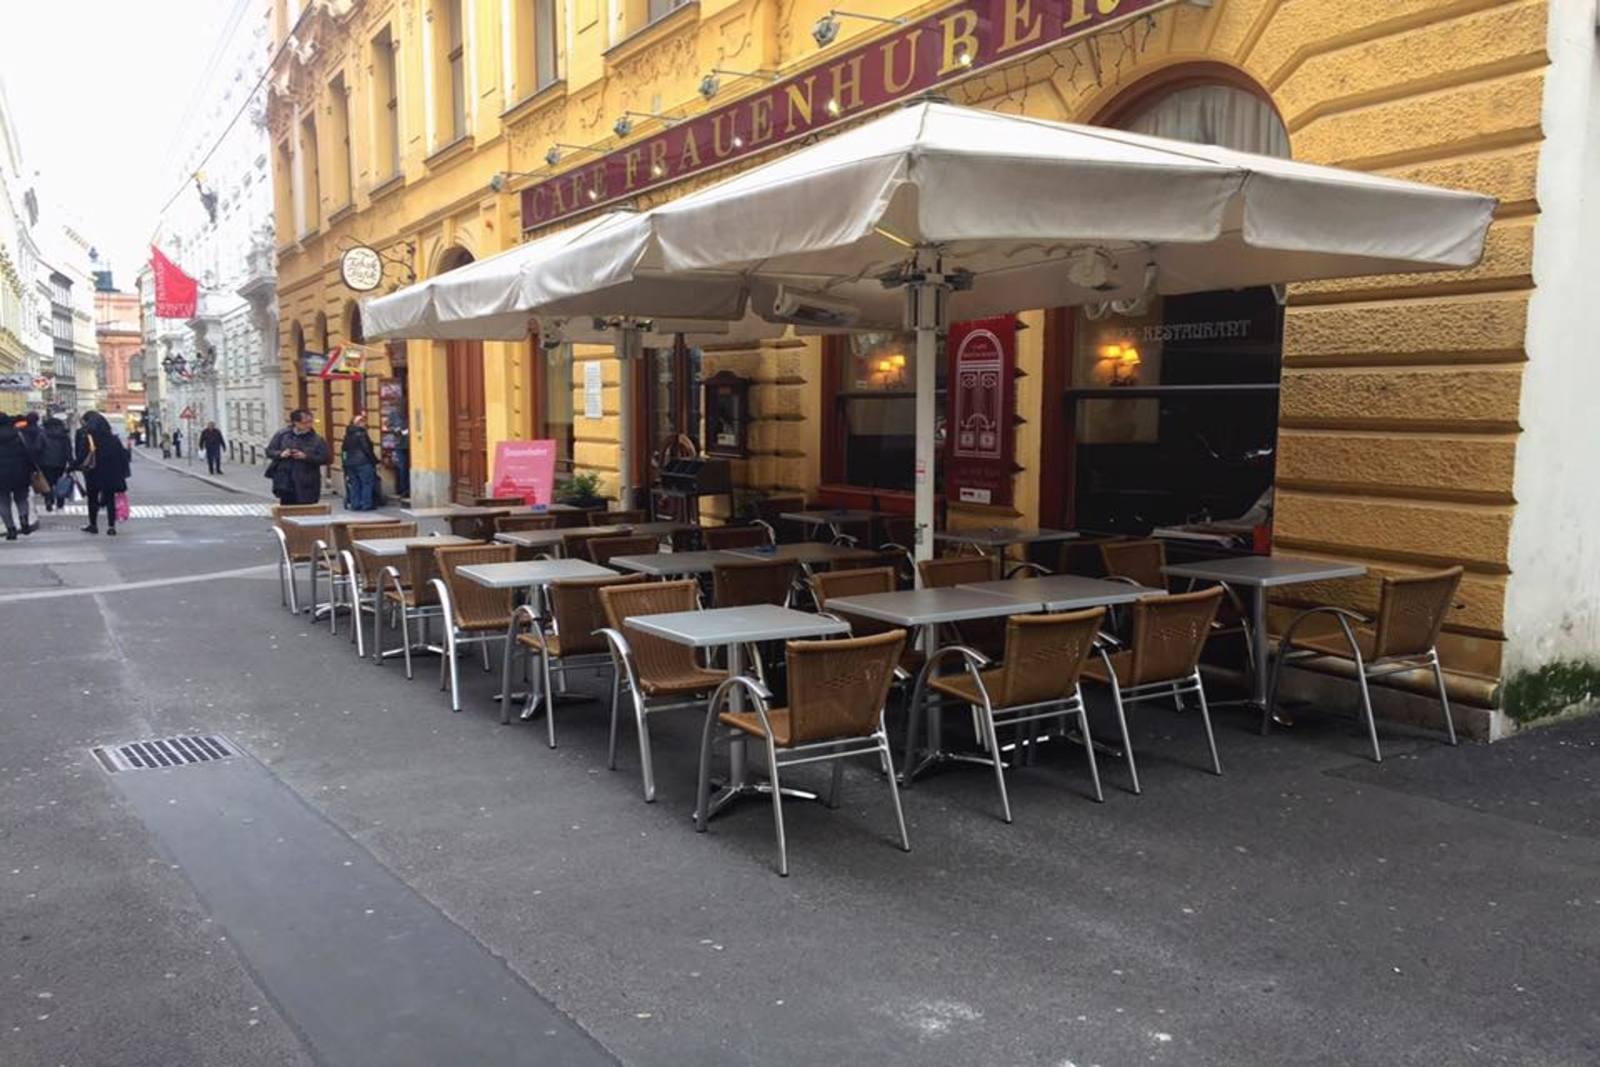 Cafe_Frauenhuber_3_1600x1067